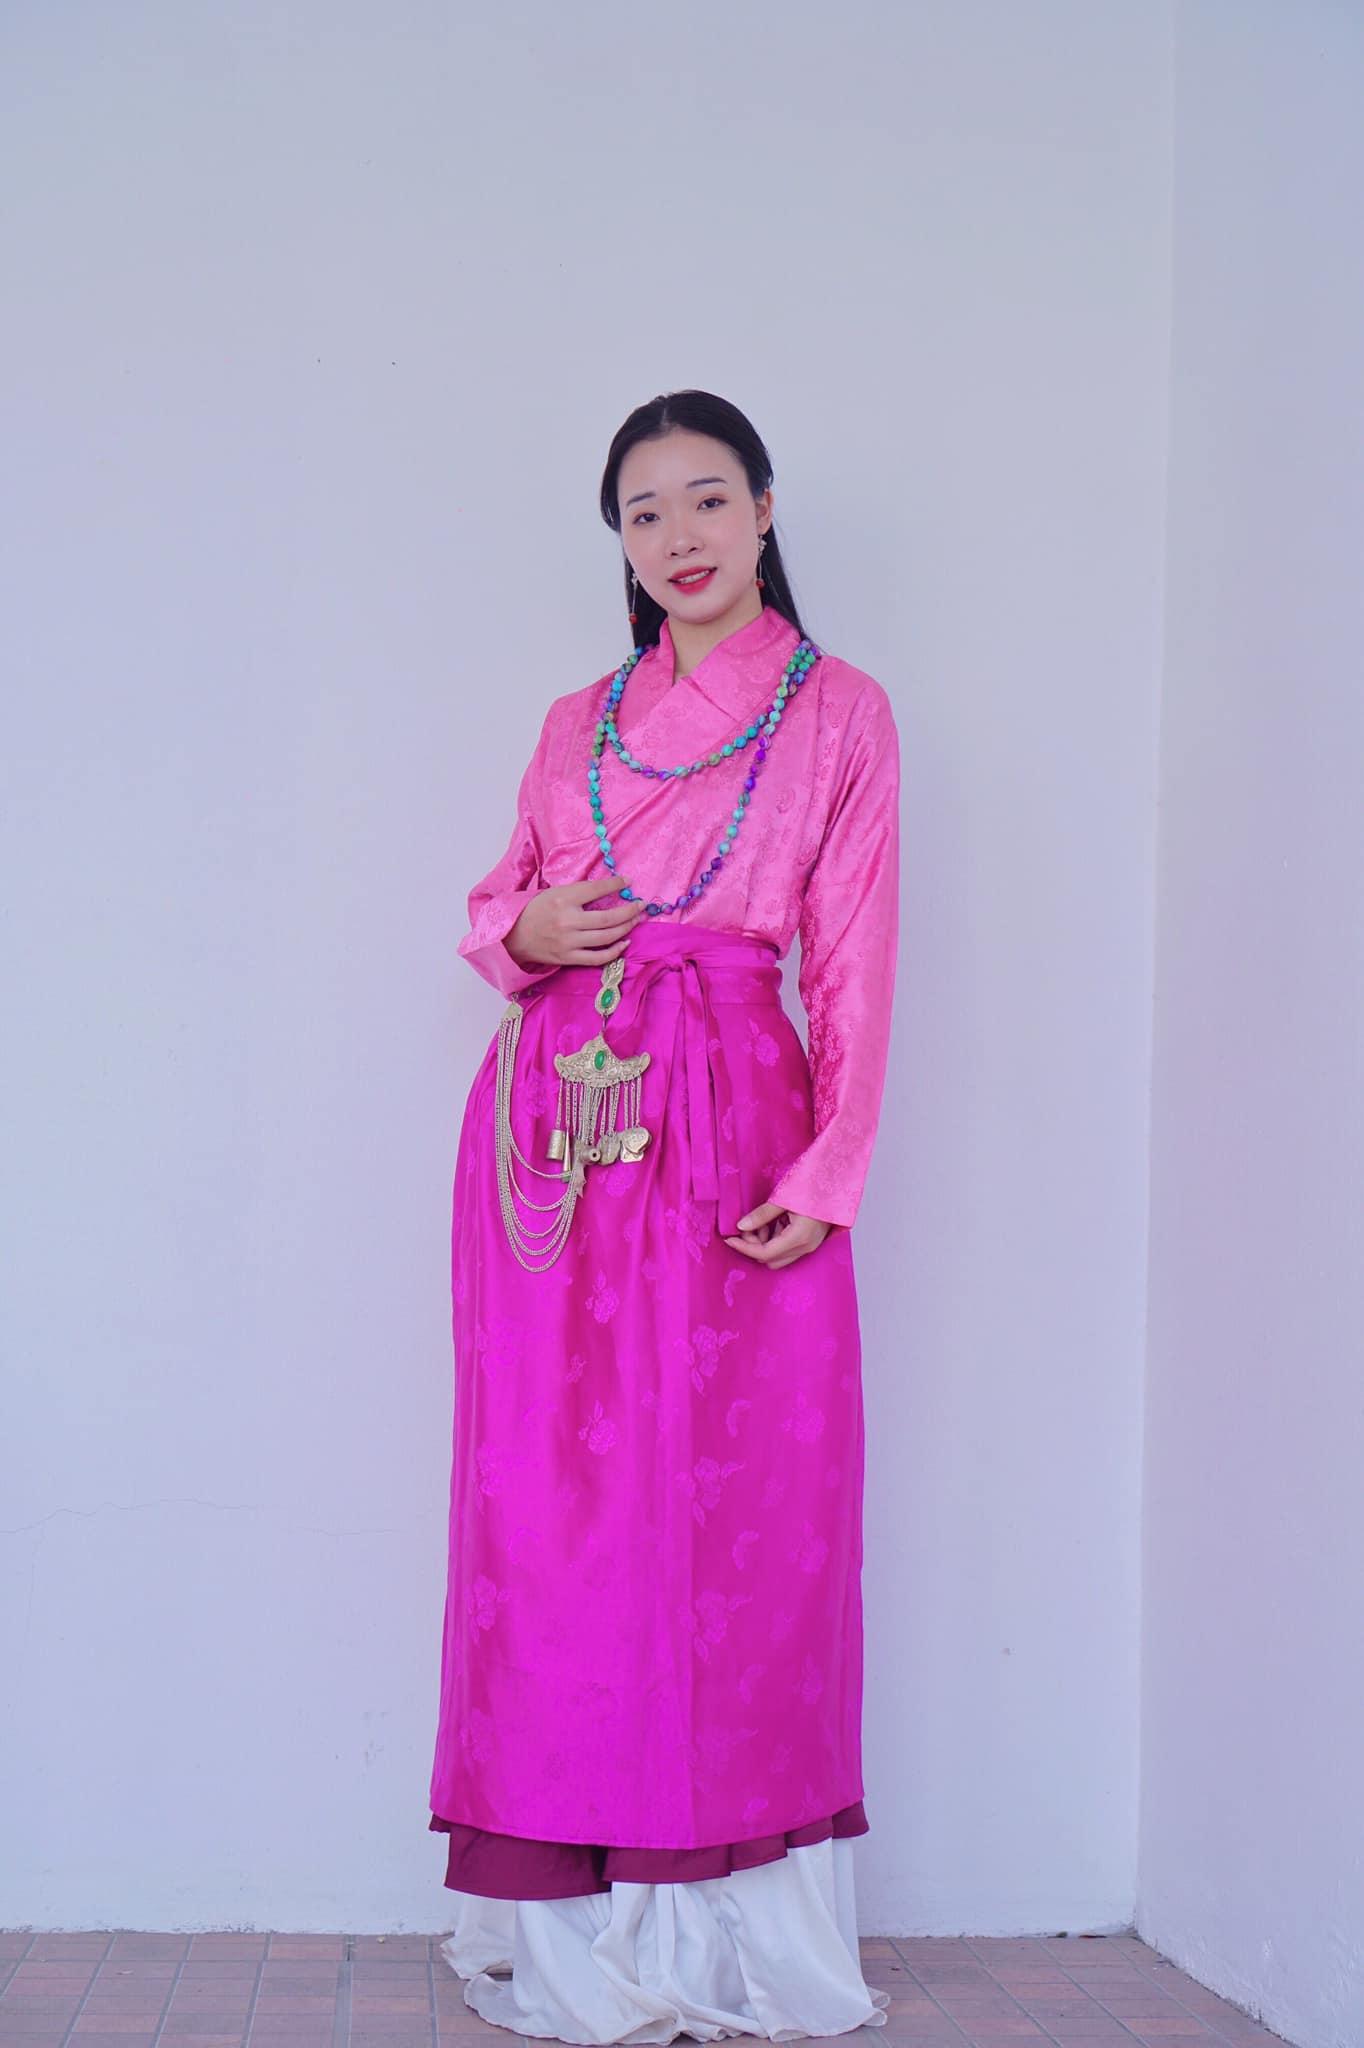 Cổ phục Việt lưu giữ tinh hoa văn hóa dân tộc - Ảnh 2.